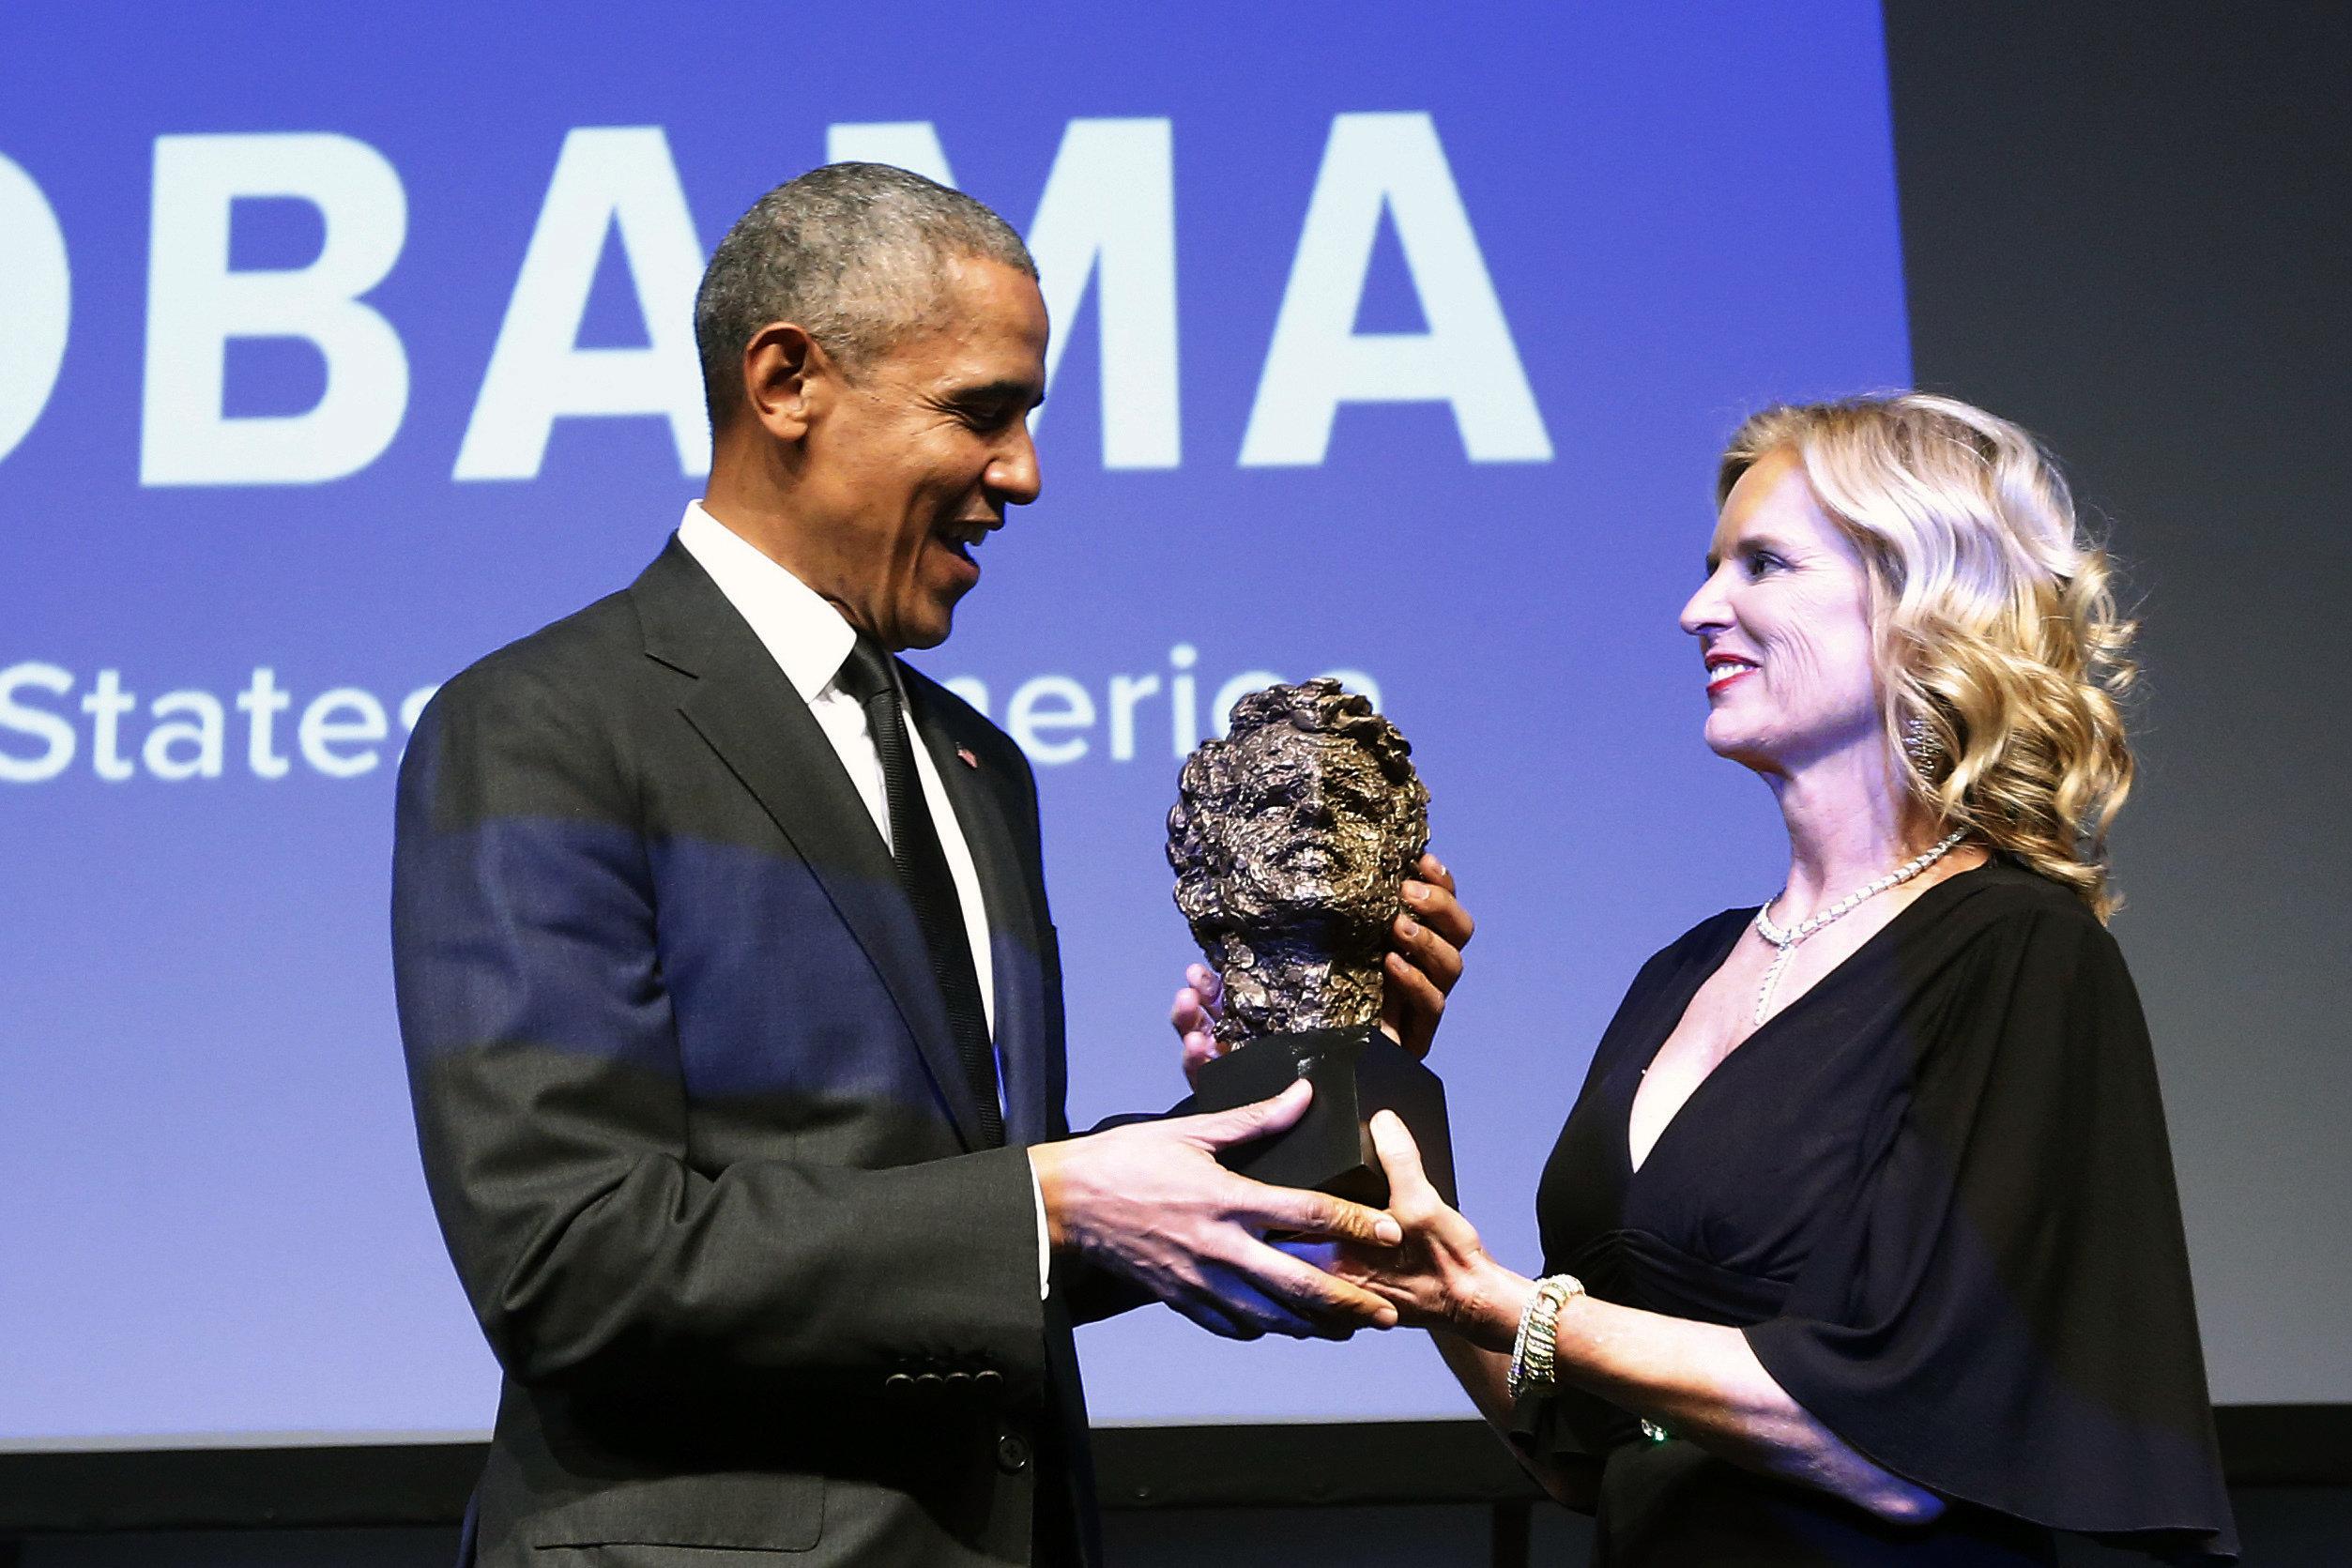 Barack Obama Receives RFK Human Rights Award At NYC